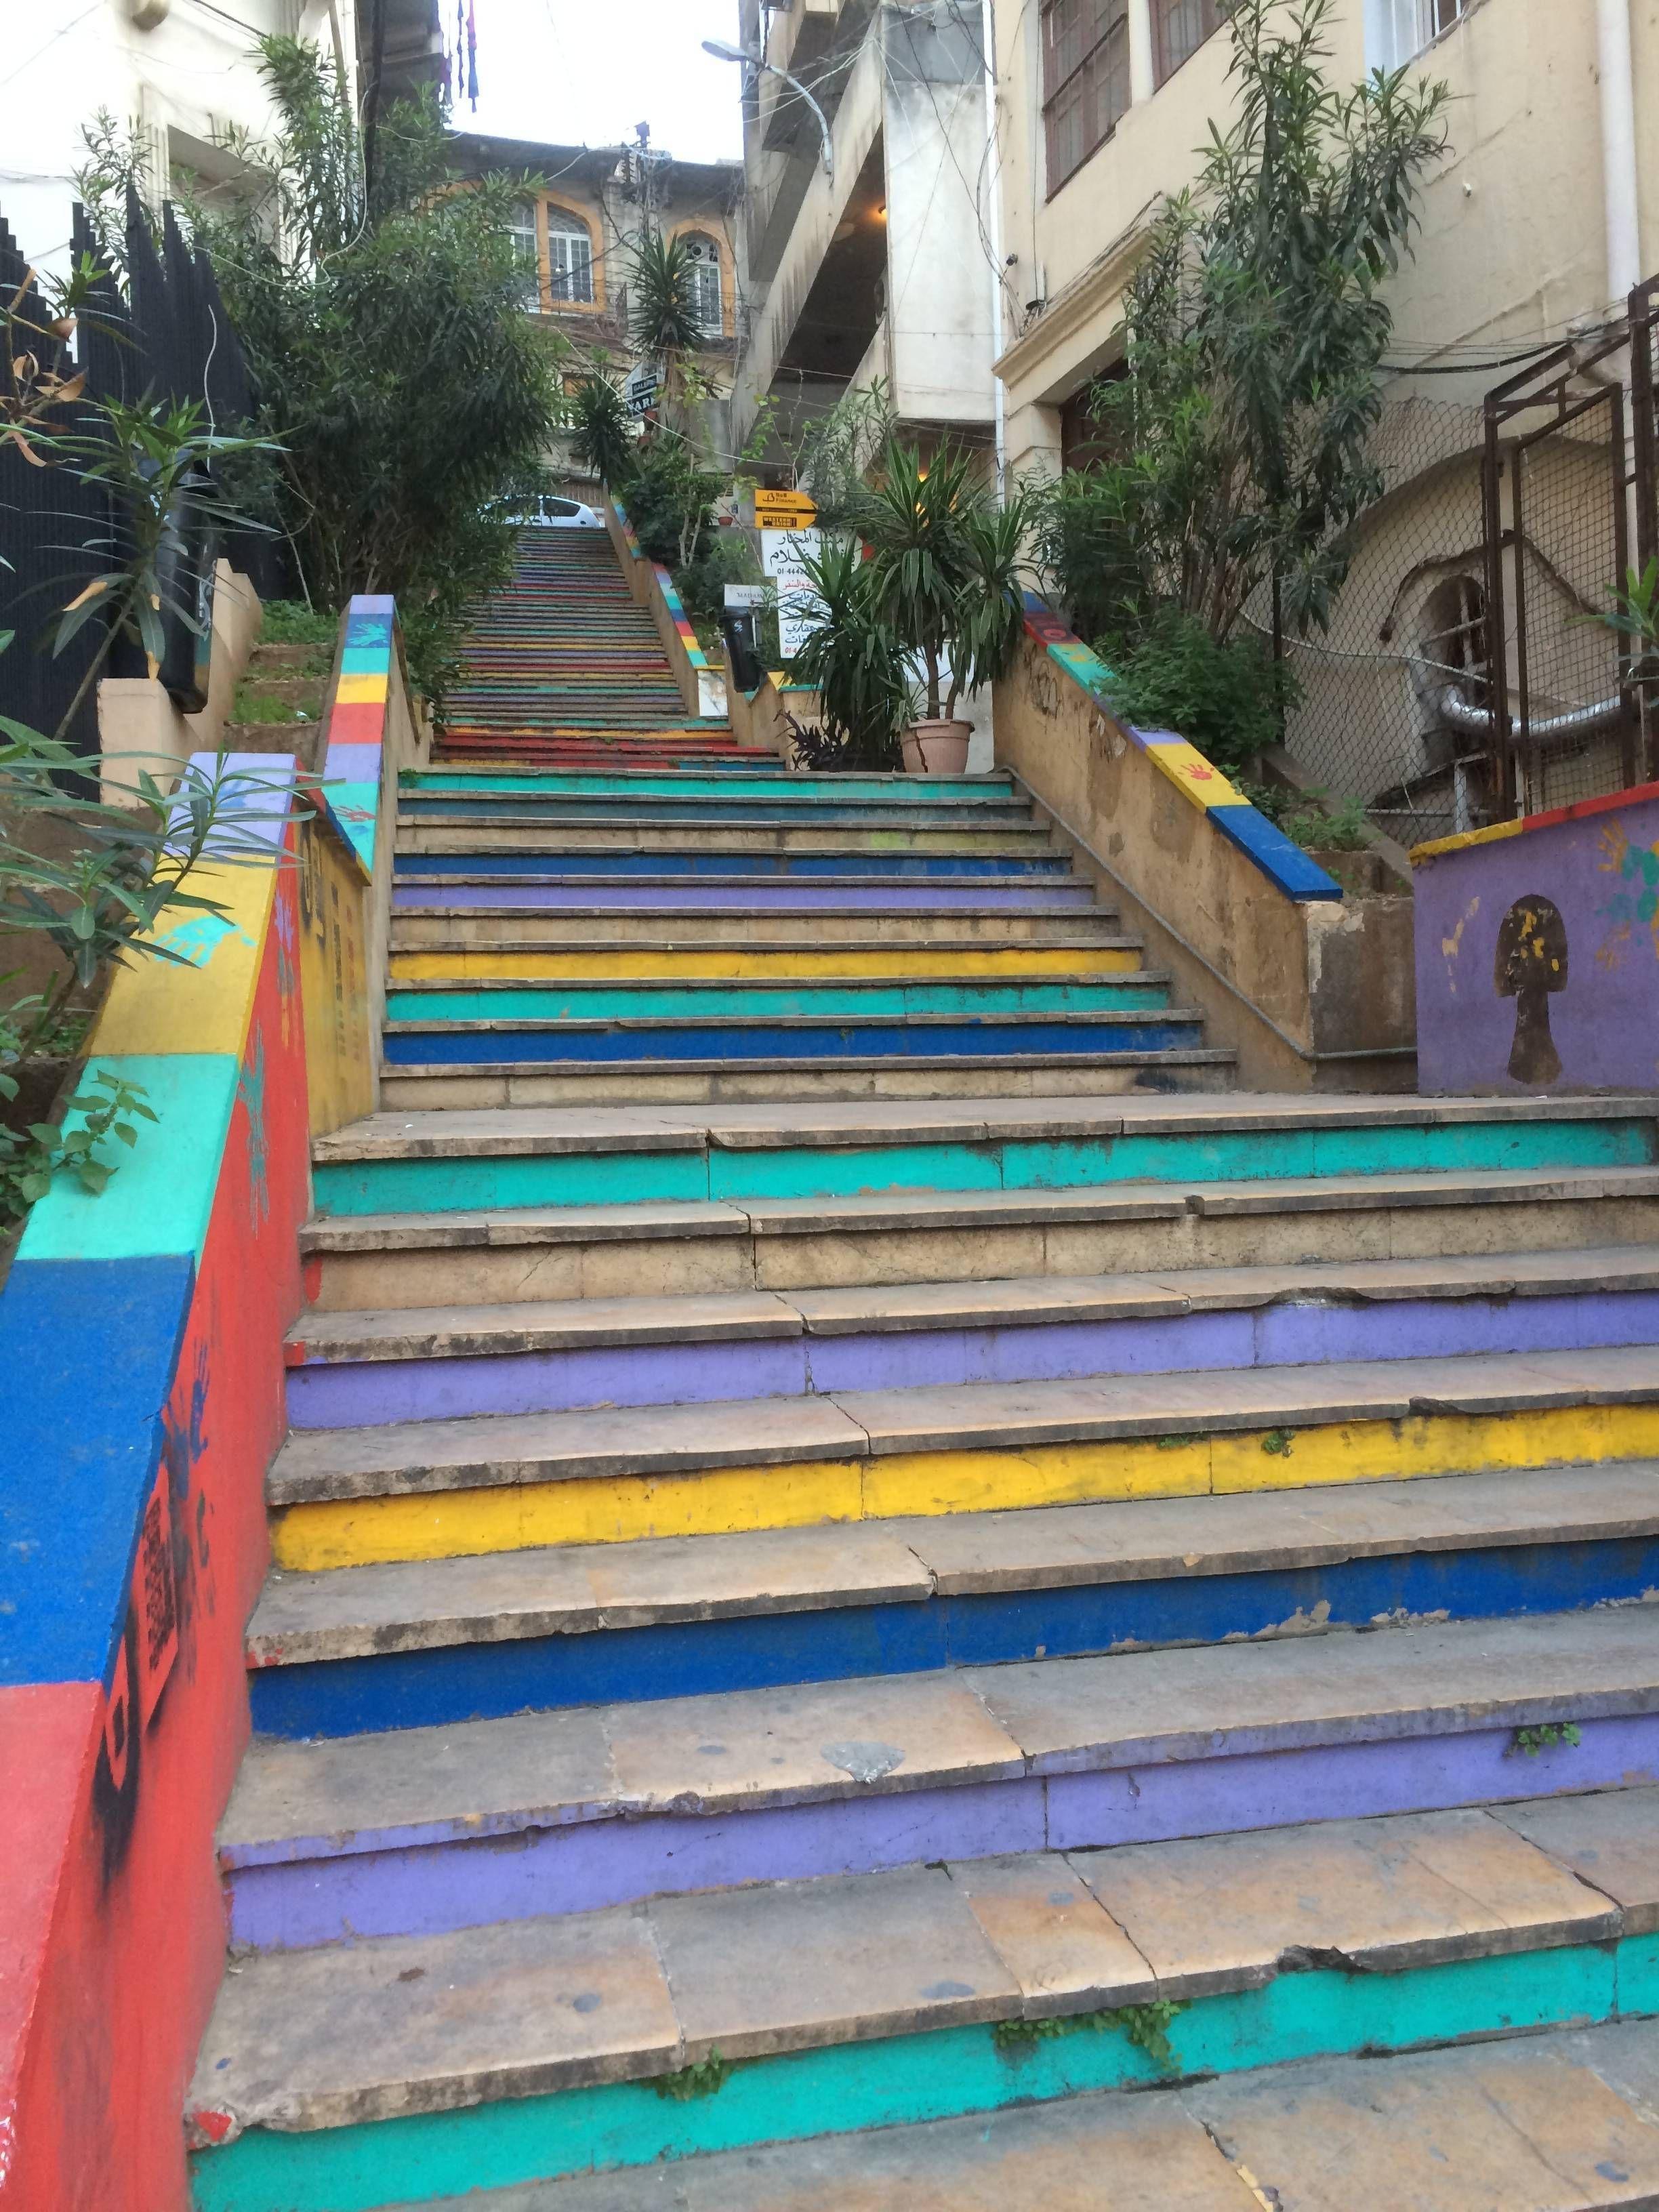 beirut libano